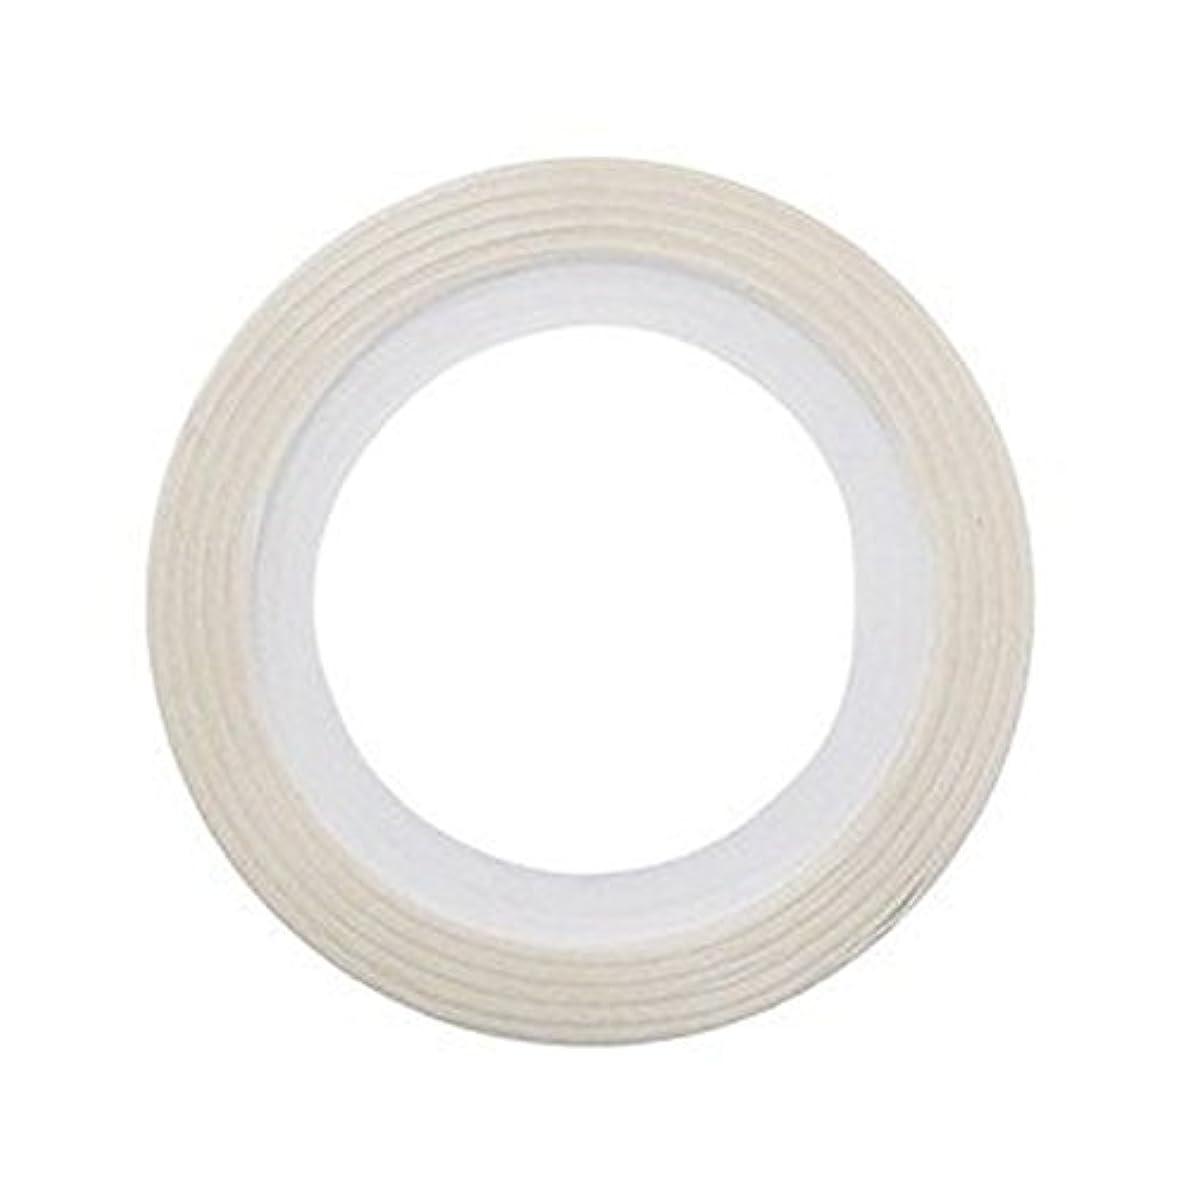 重要な役割を果たす、中心的な手段となるセール達成するBonnail ラインテープ ホワイト